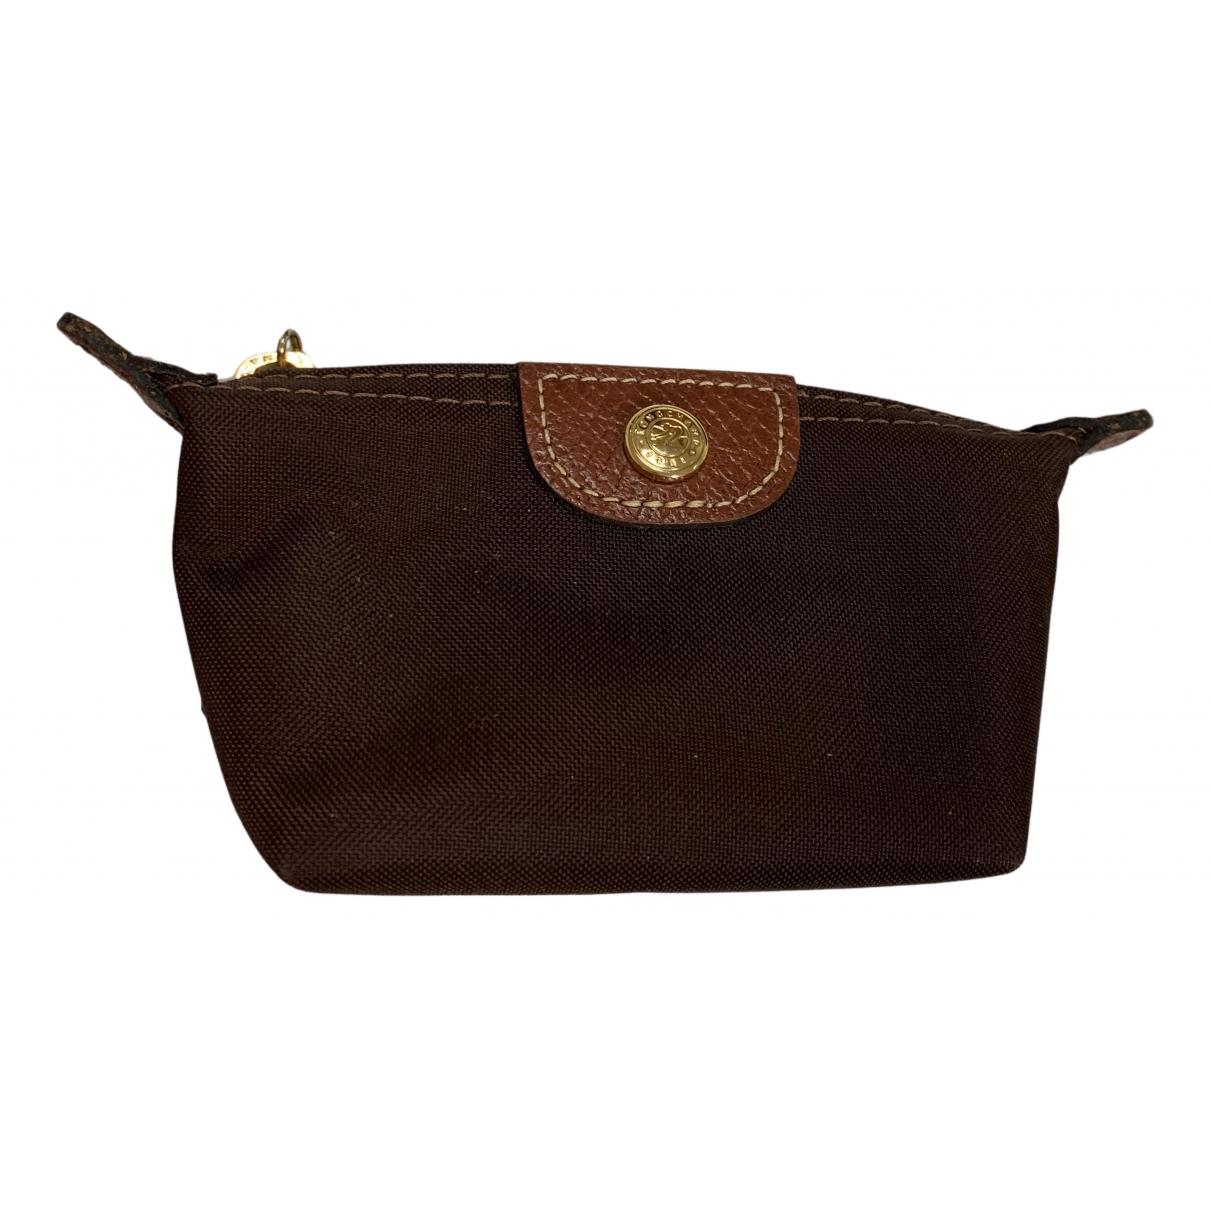 Longchamp N Brown wallet for Women N